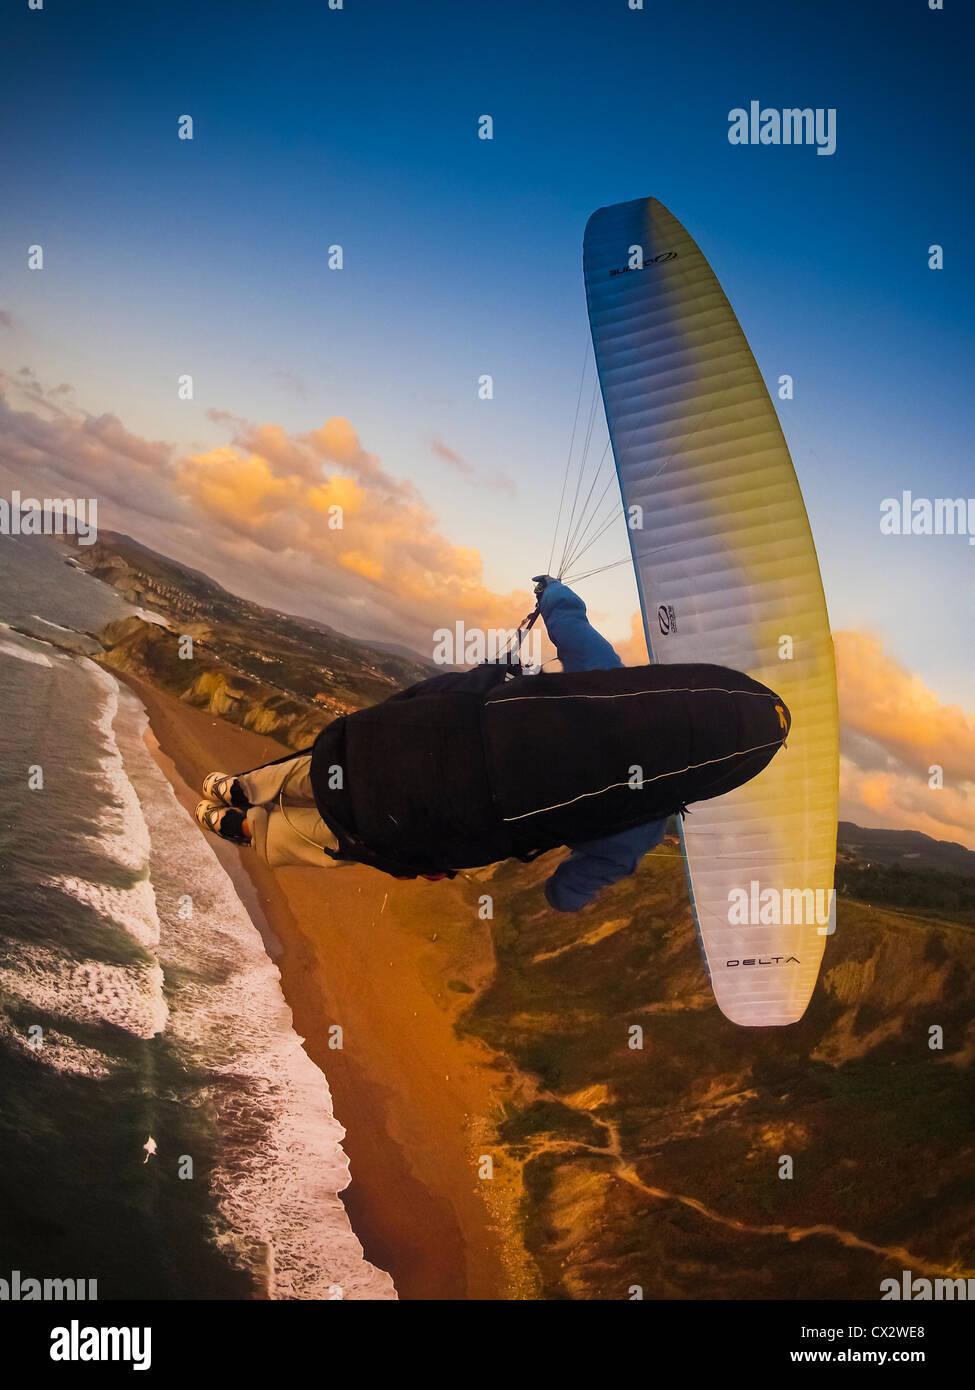 Parapendio, Volo libero sulla costa della Spagna, Sopelana, Paese Basco, rischio, sport, pericoloso,avventura, volare, Immagini Stock